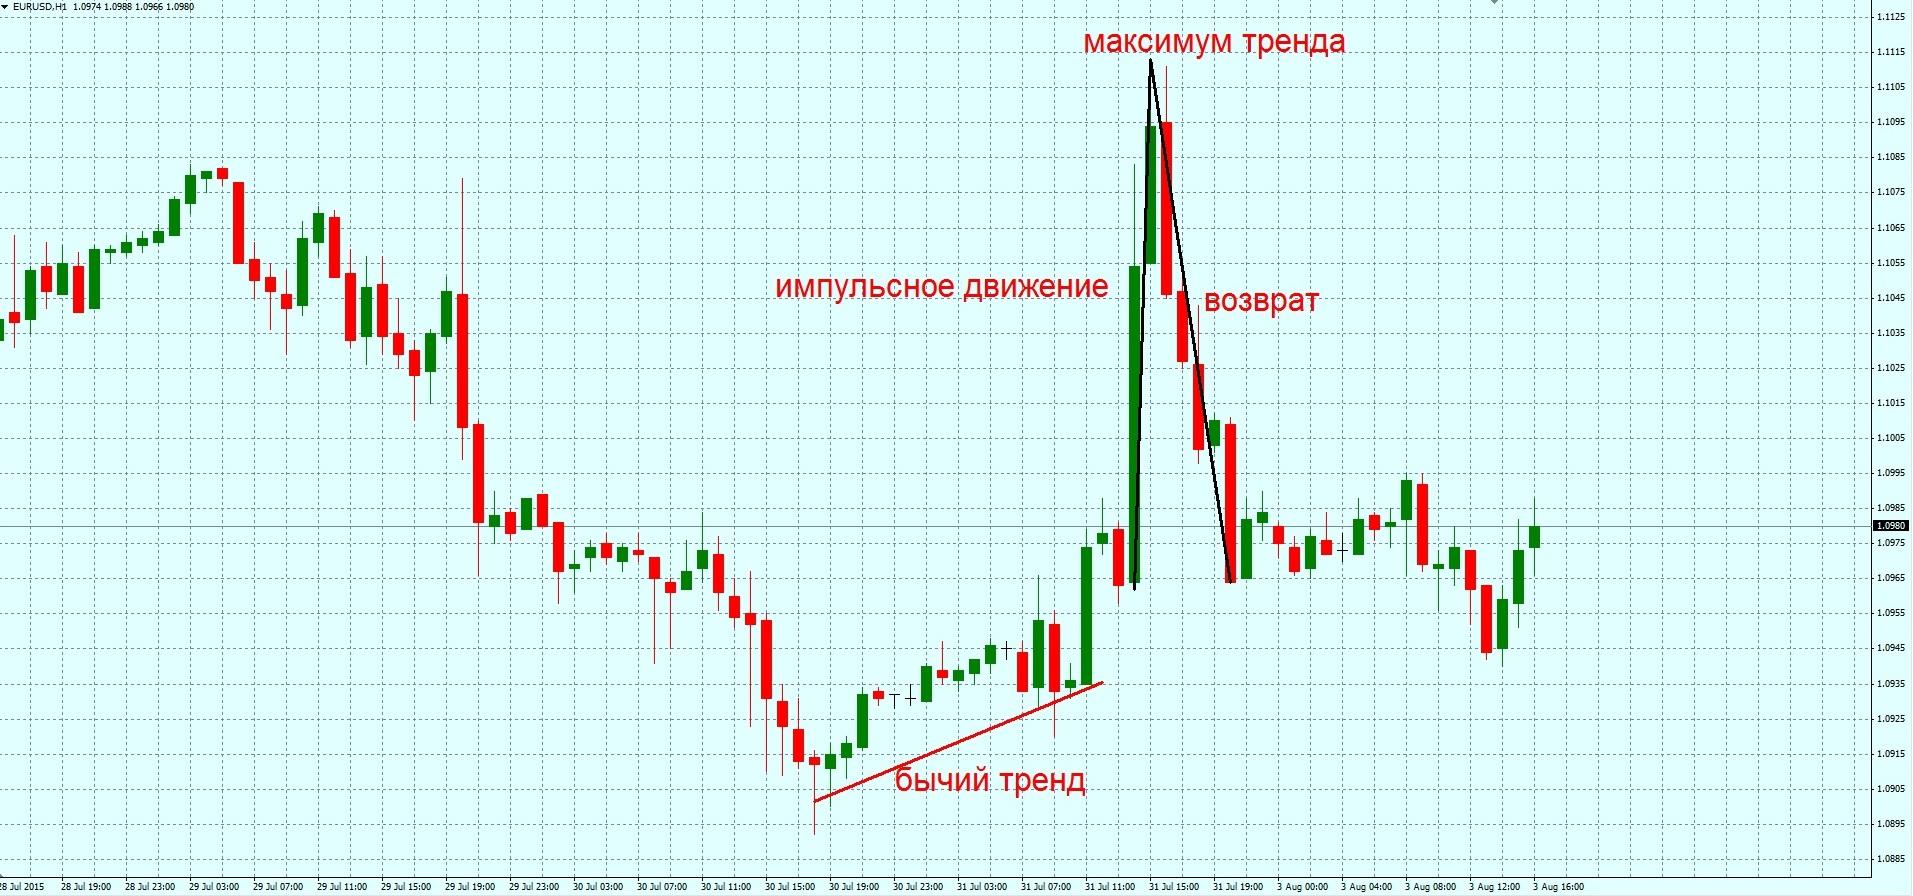 Шип форекс валютная биржа минск торги